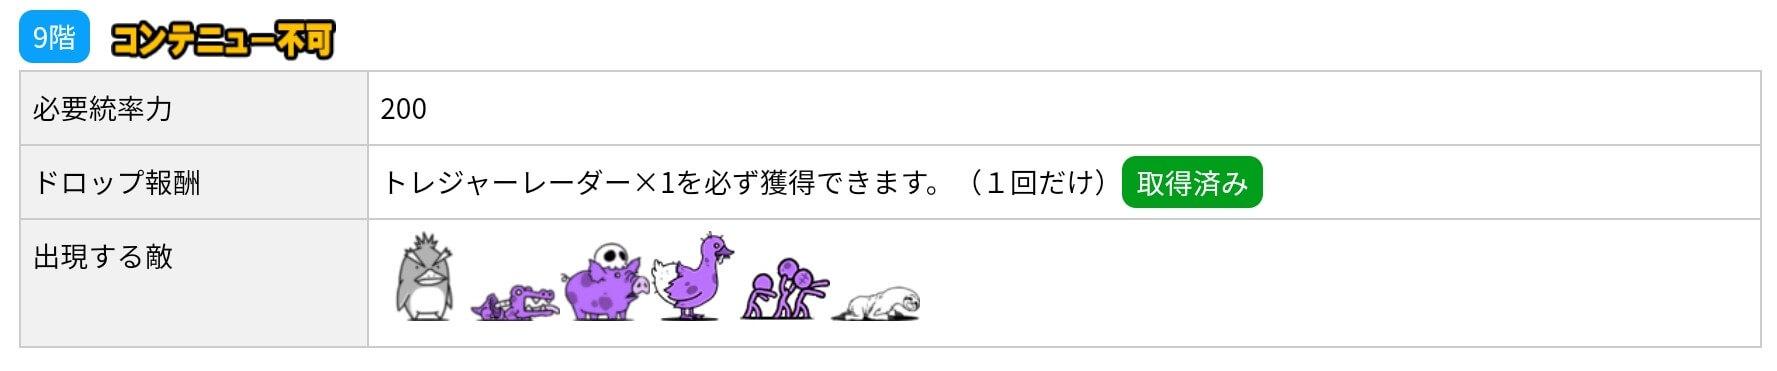 にゃんこ別塔(屍)9階 敵編成